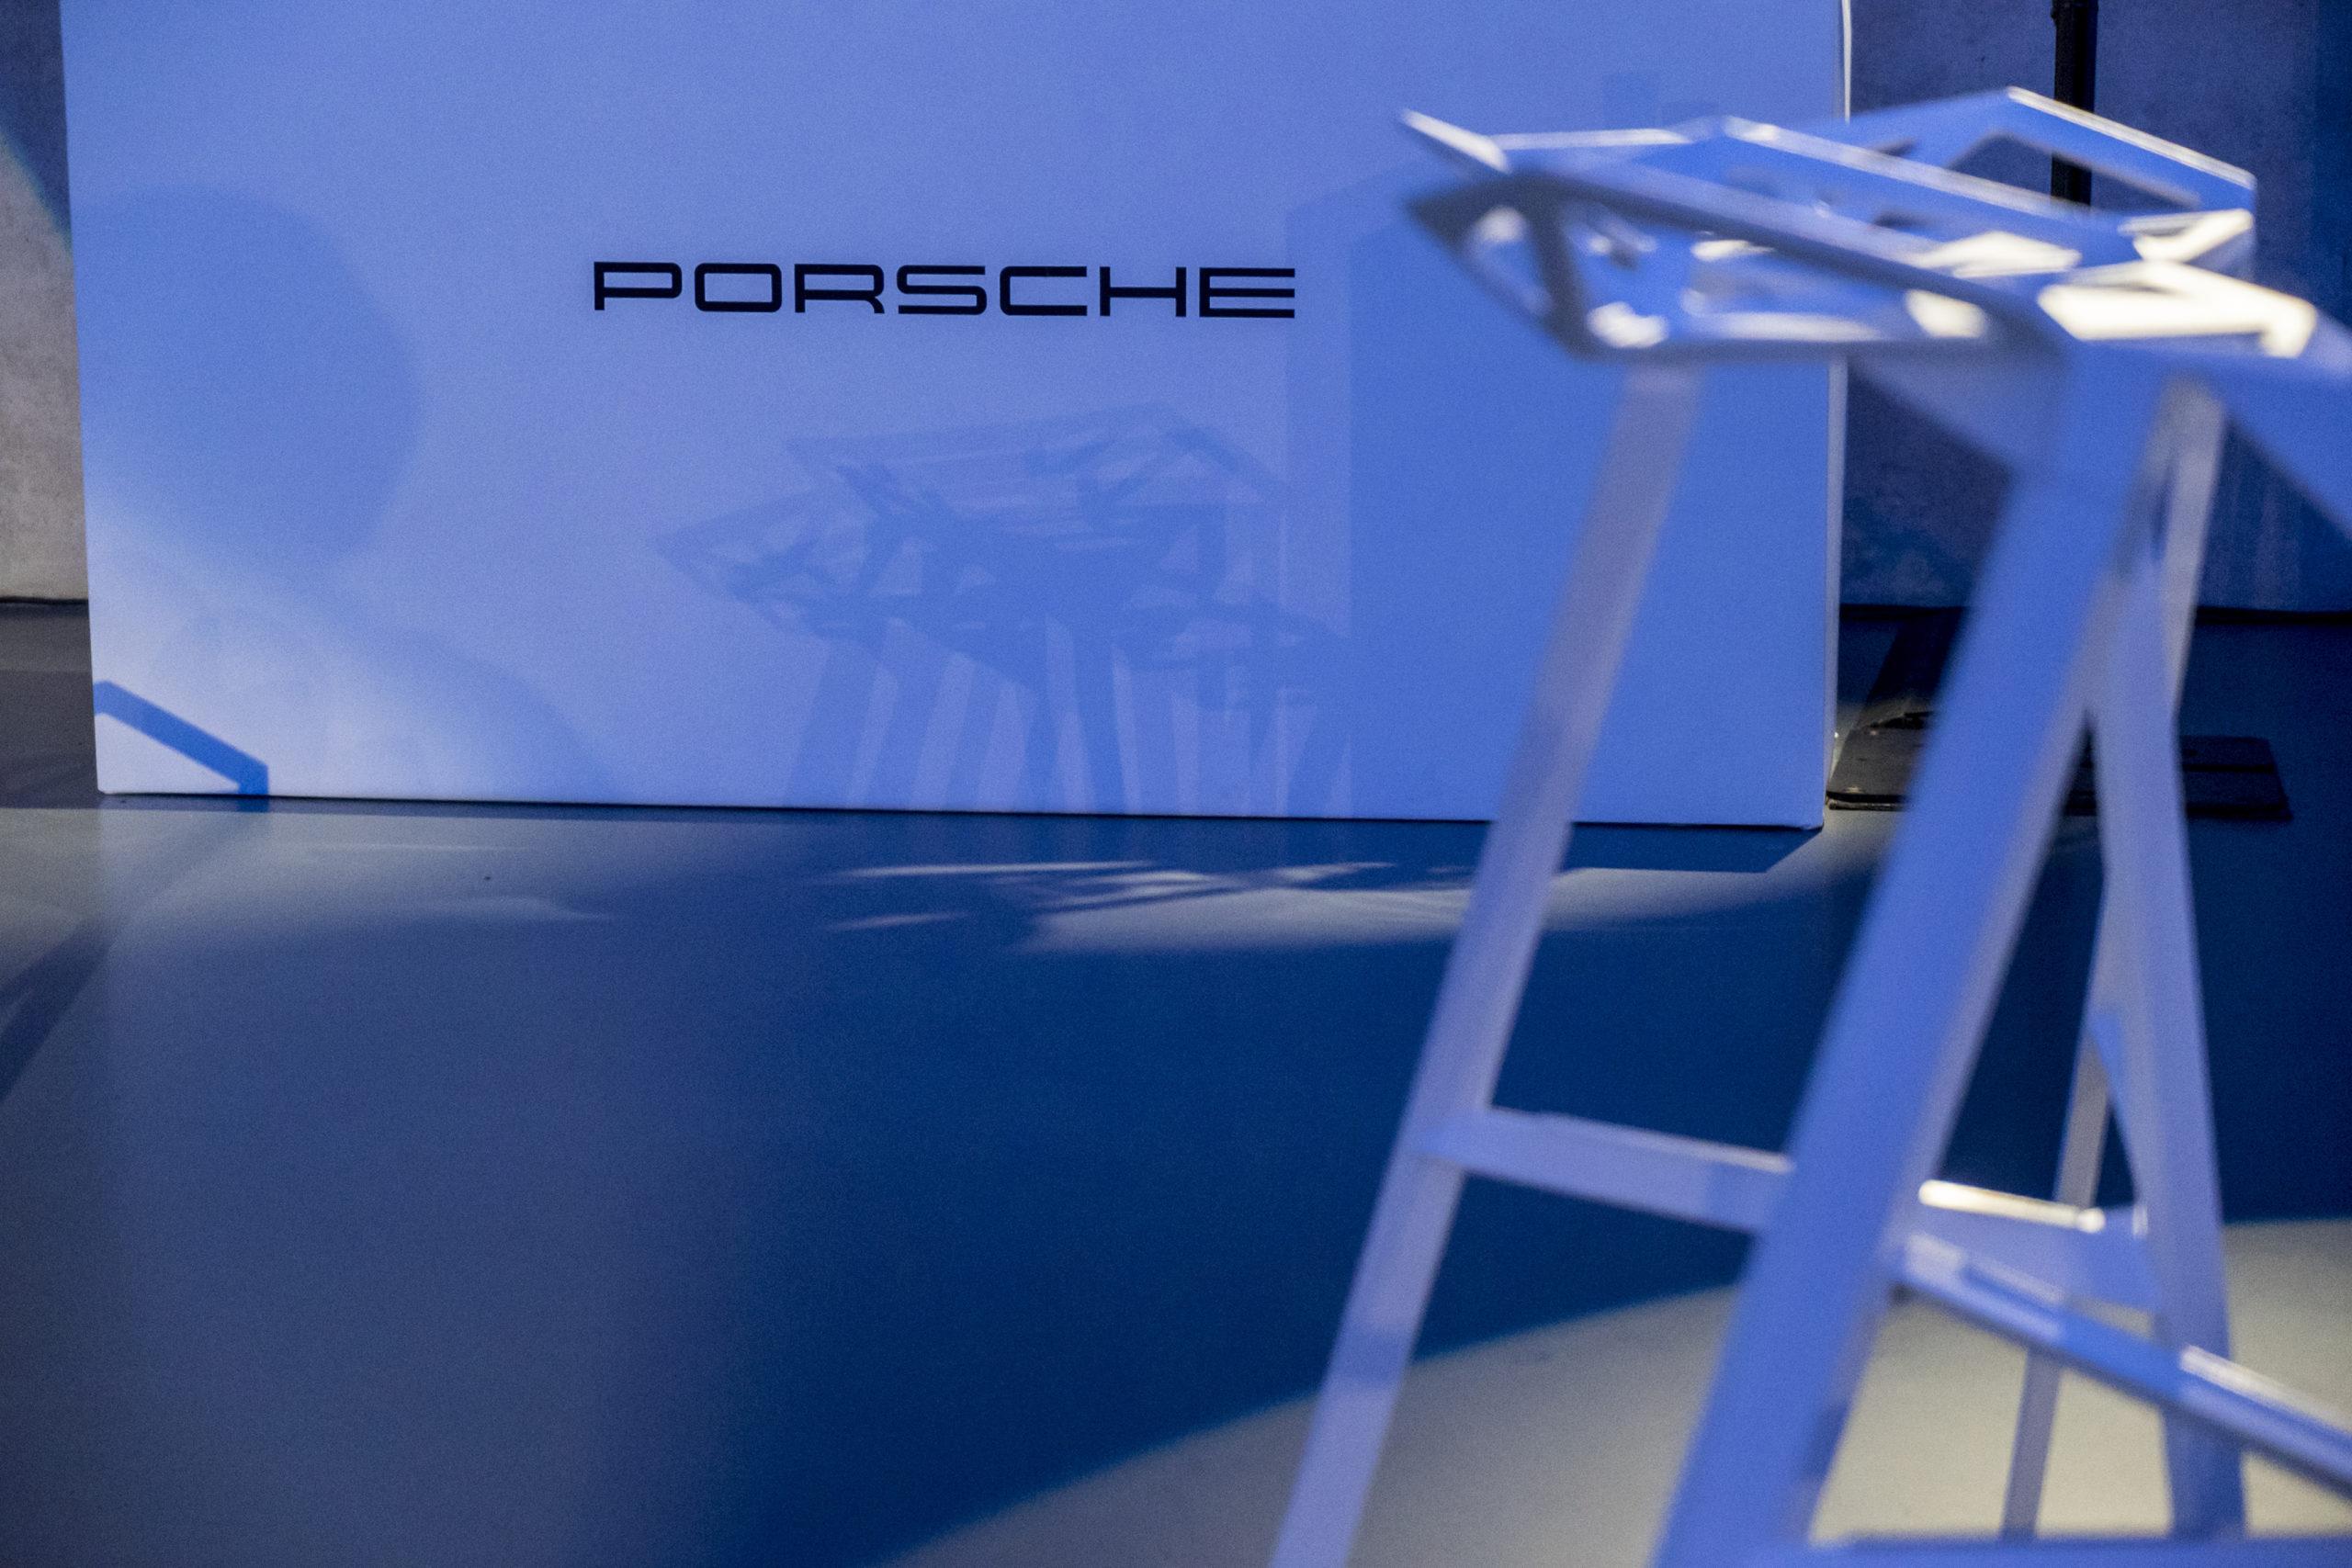 Shine a light agence évènementielle luxembourg - créateur d'expériences immersives - Sneakpreview Porsche Panamera